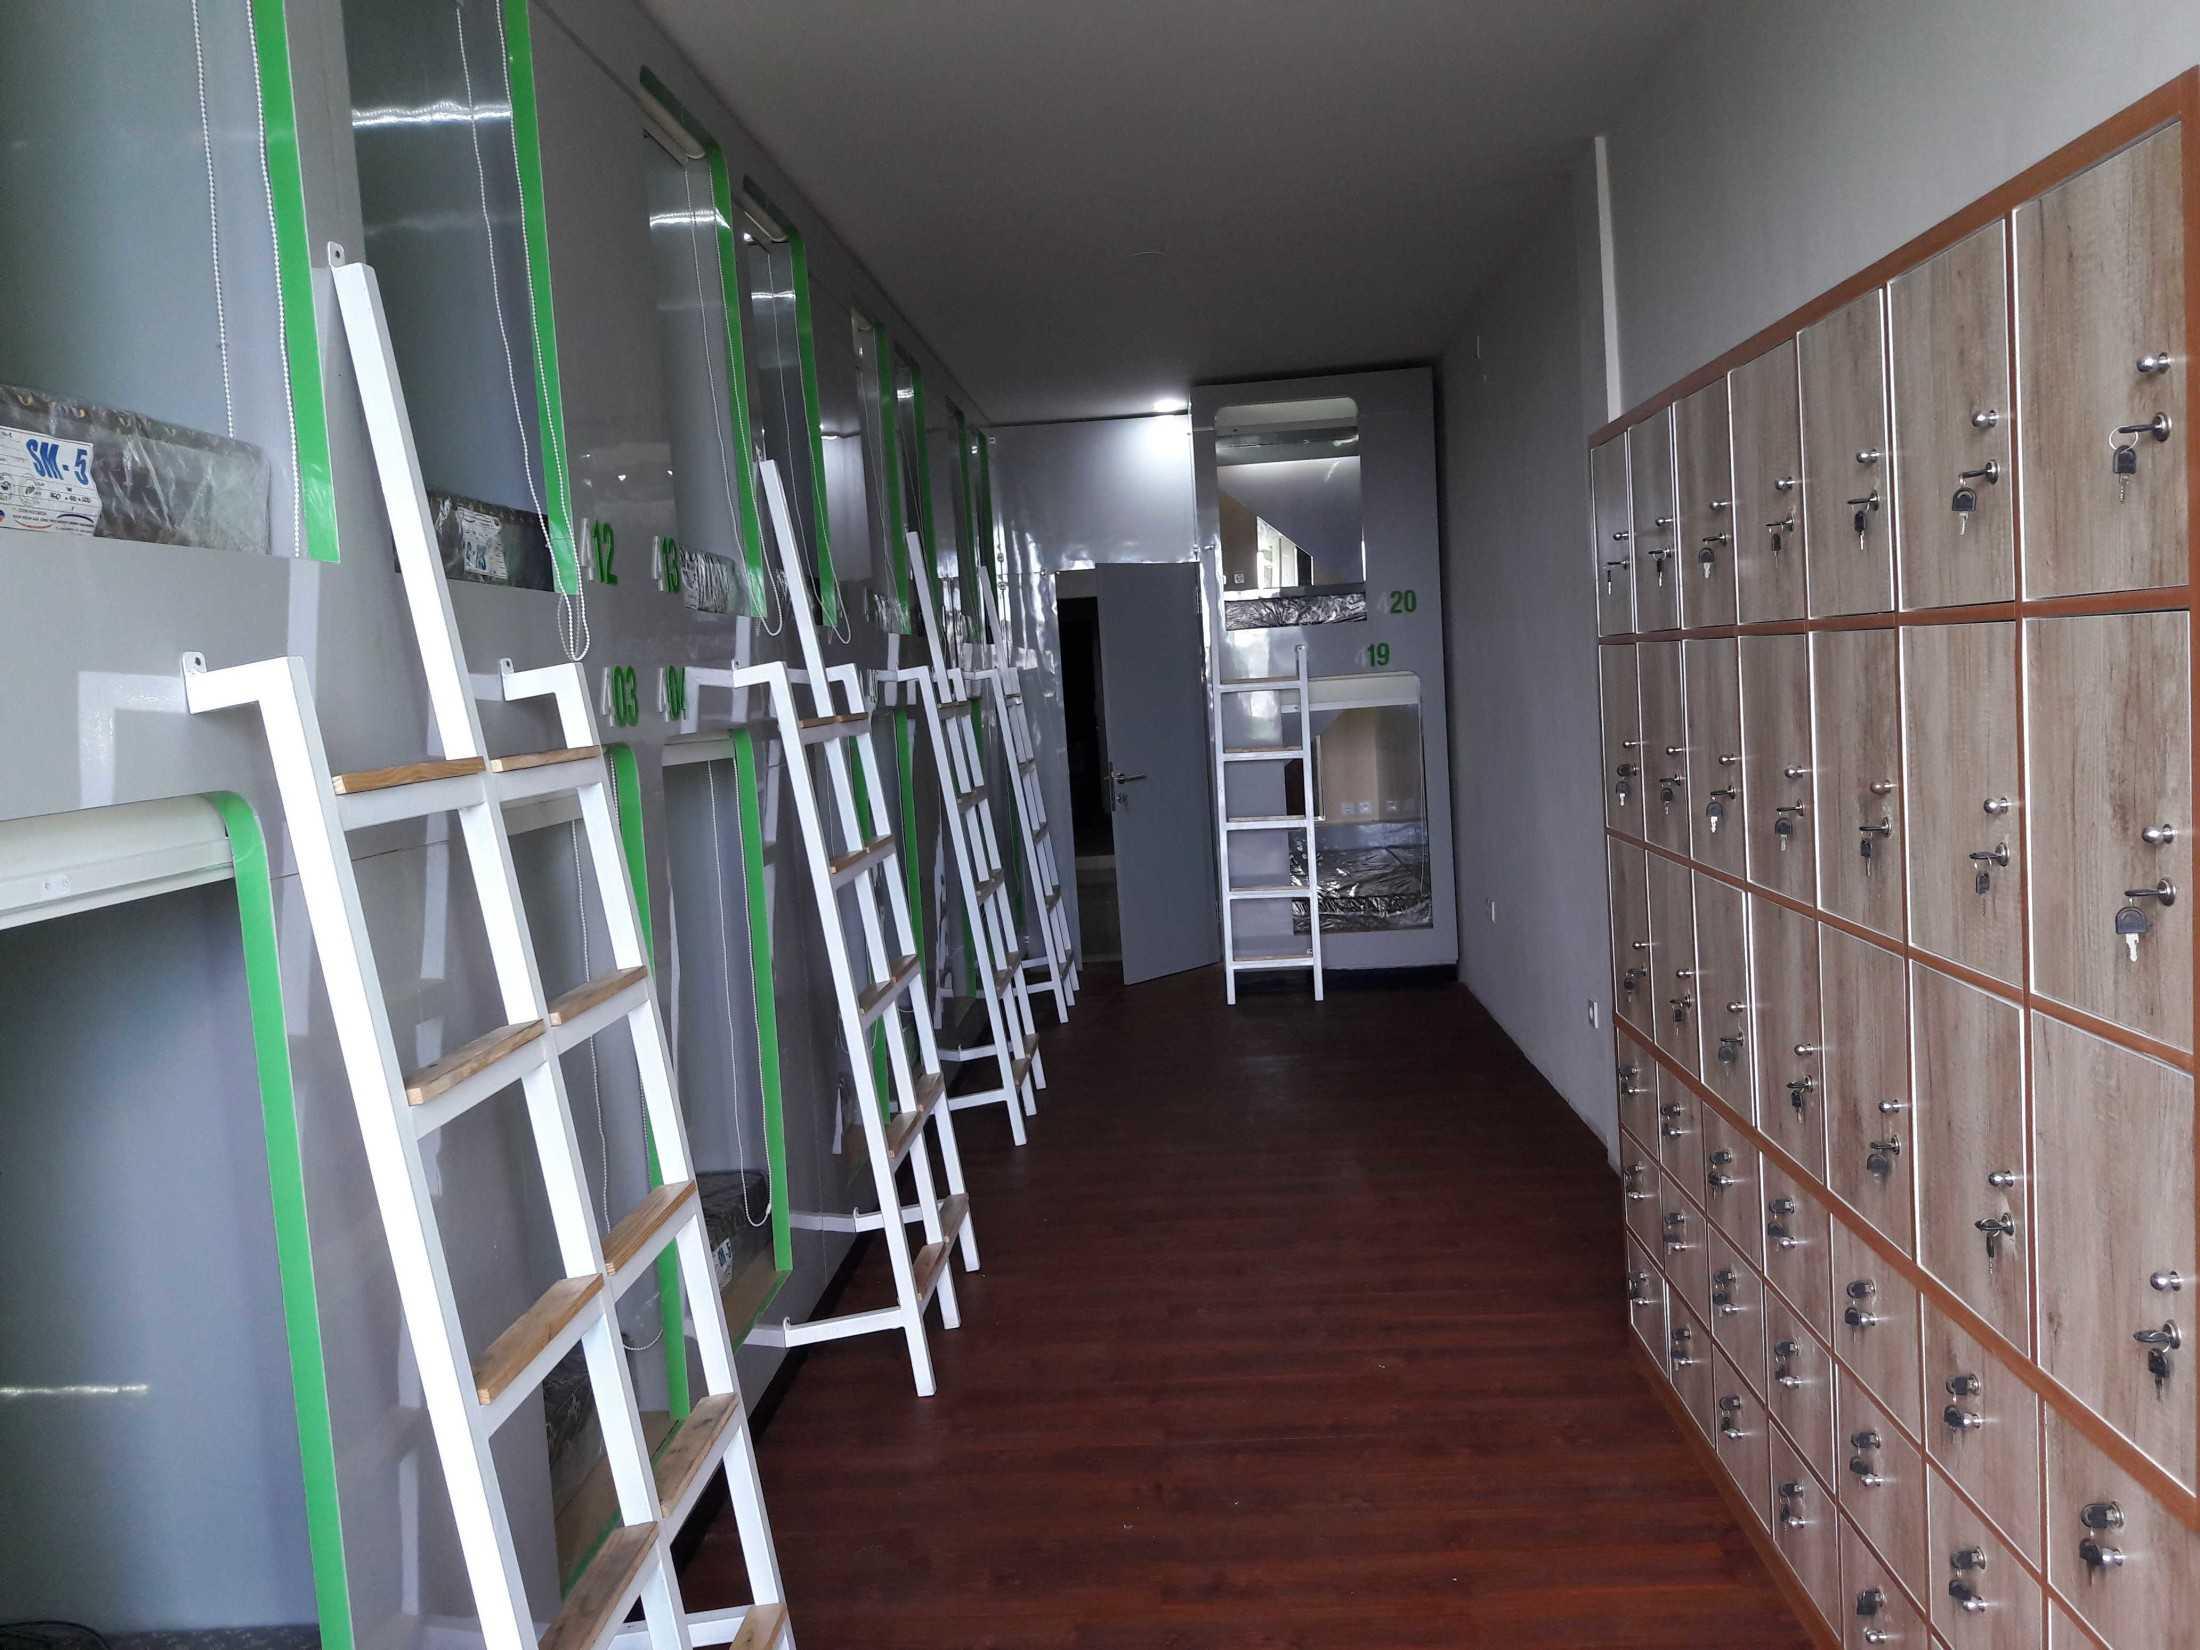 Metom Design Hotel Kapsul Kotak Malang, Kota Malang, Jawa Timur, Indonesia Malang, Kota Malang, Jawa Timur, Indonesia Metom-Design-Hotel-Kapsul-Kotak  98956